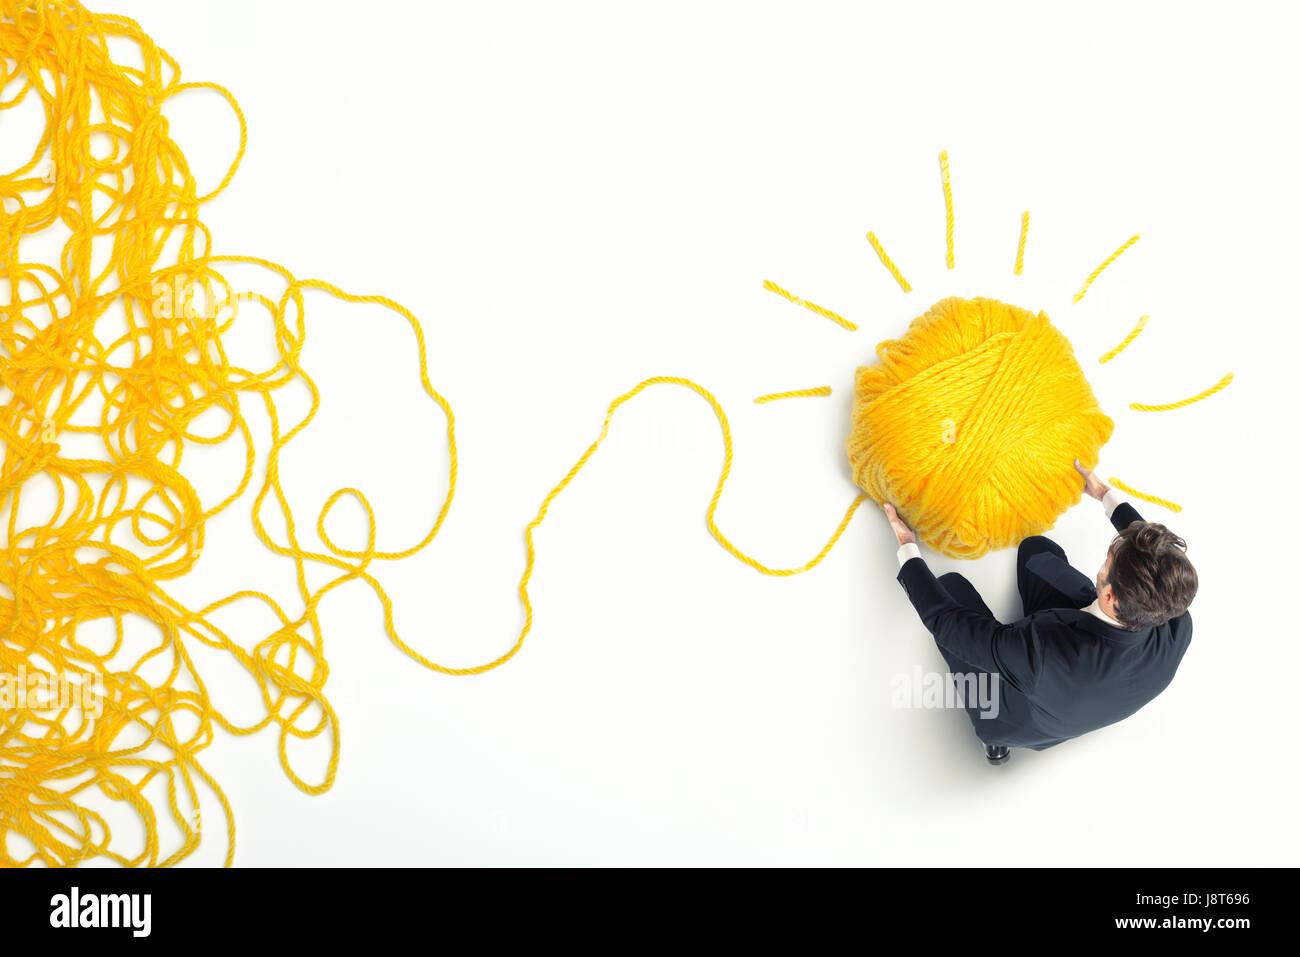 Concepto de solución e innovación con ovillo de lana Imagen De Stock